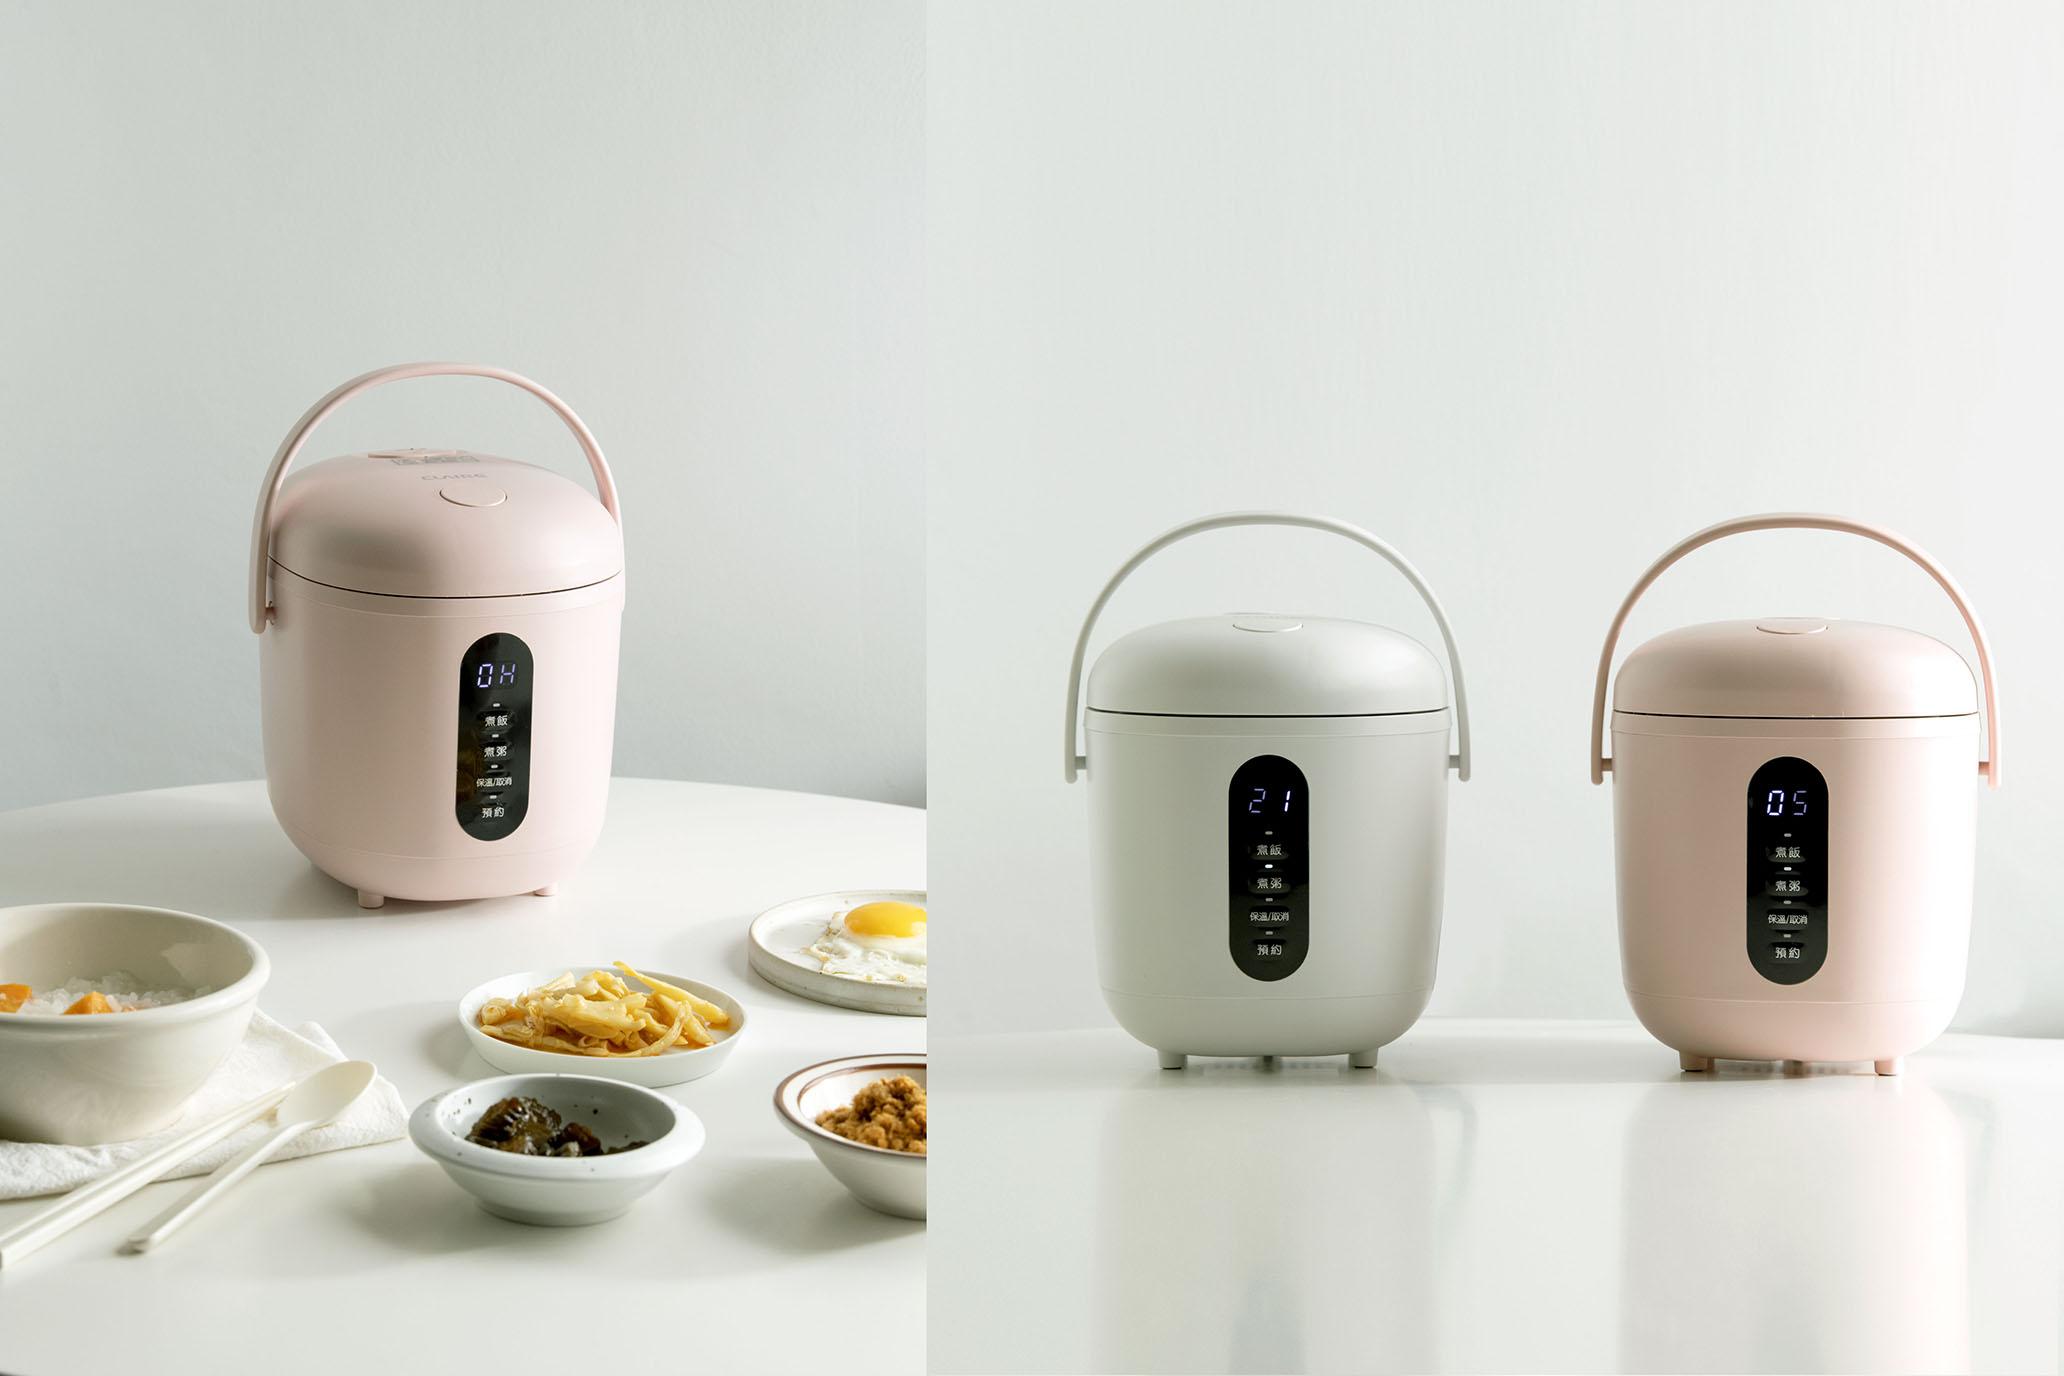 網站近期文章:是一人滿足,兩人剛好,有時三人吃得精巧熱鬧|CLAIRE mini cooker 電子鍋